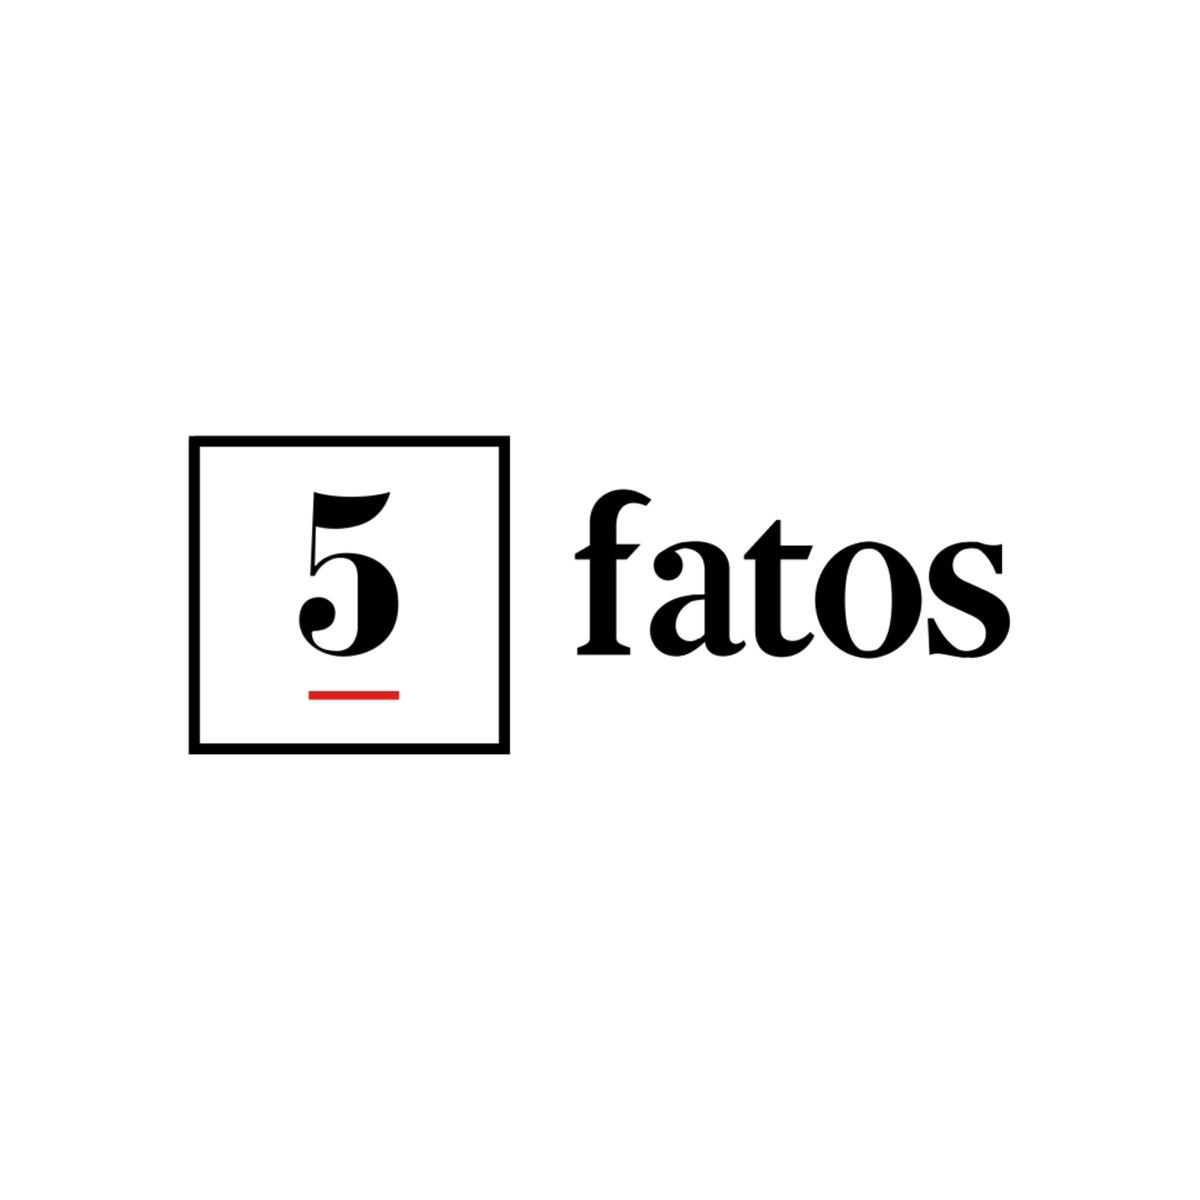 5 Fatos